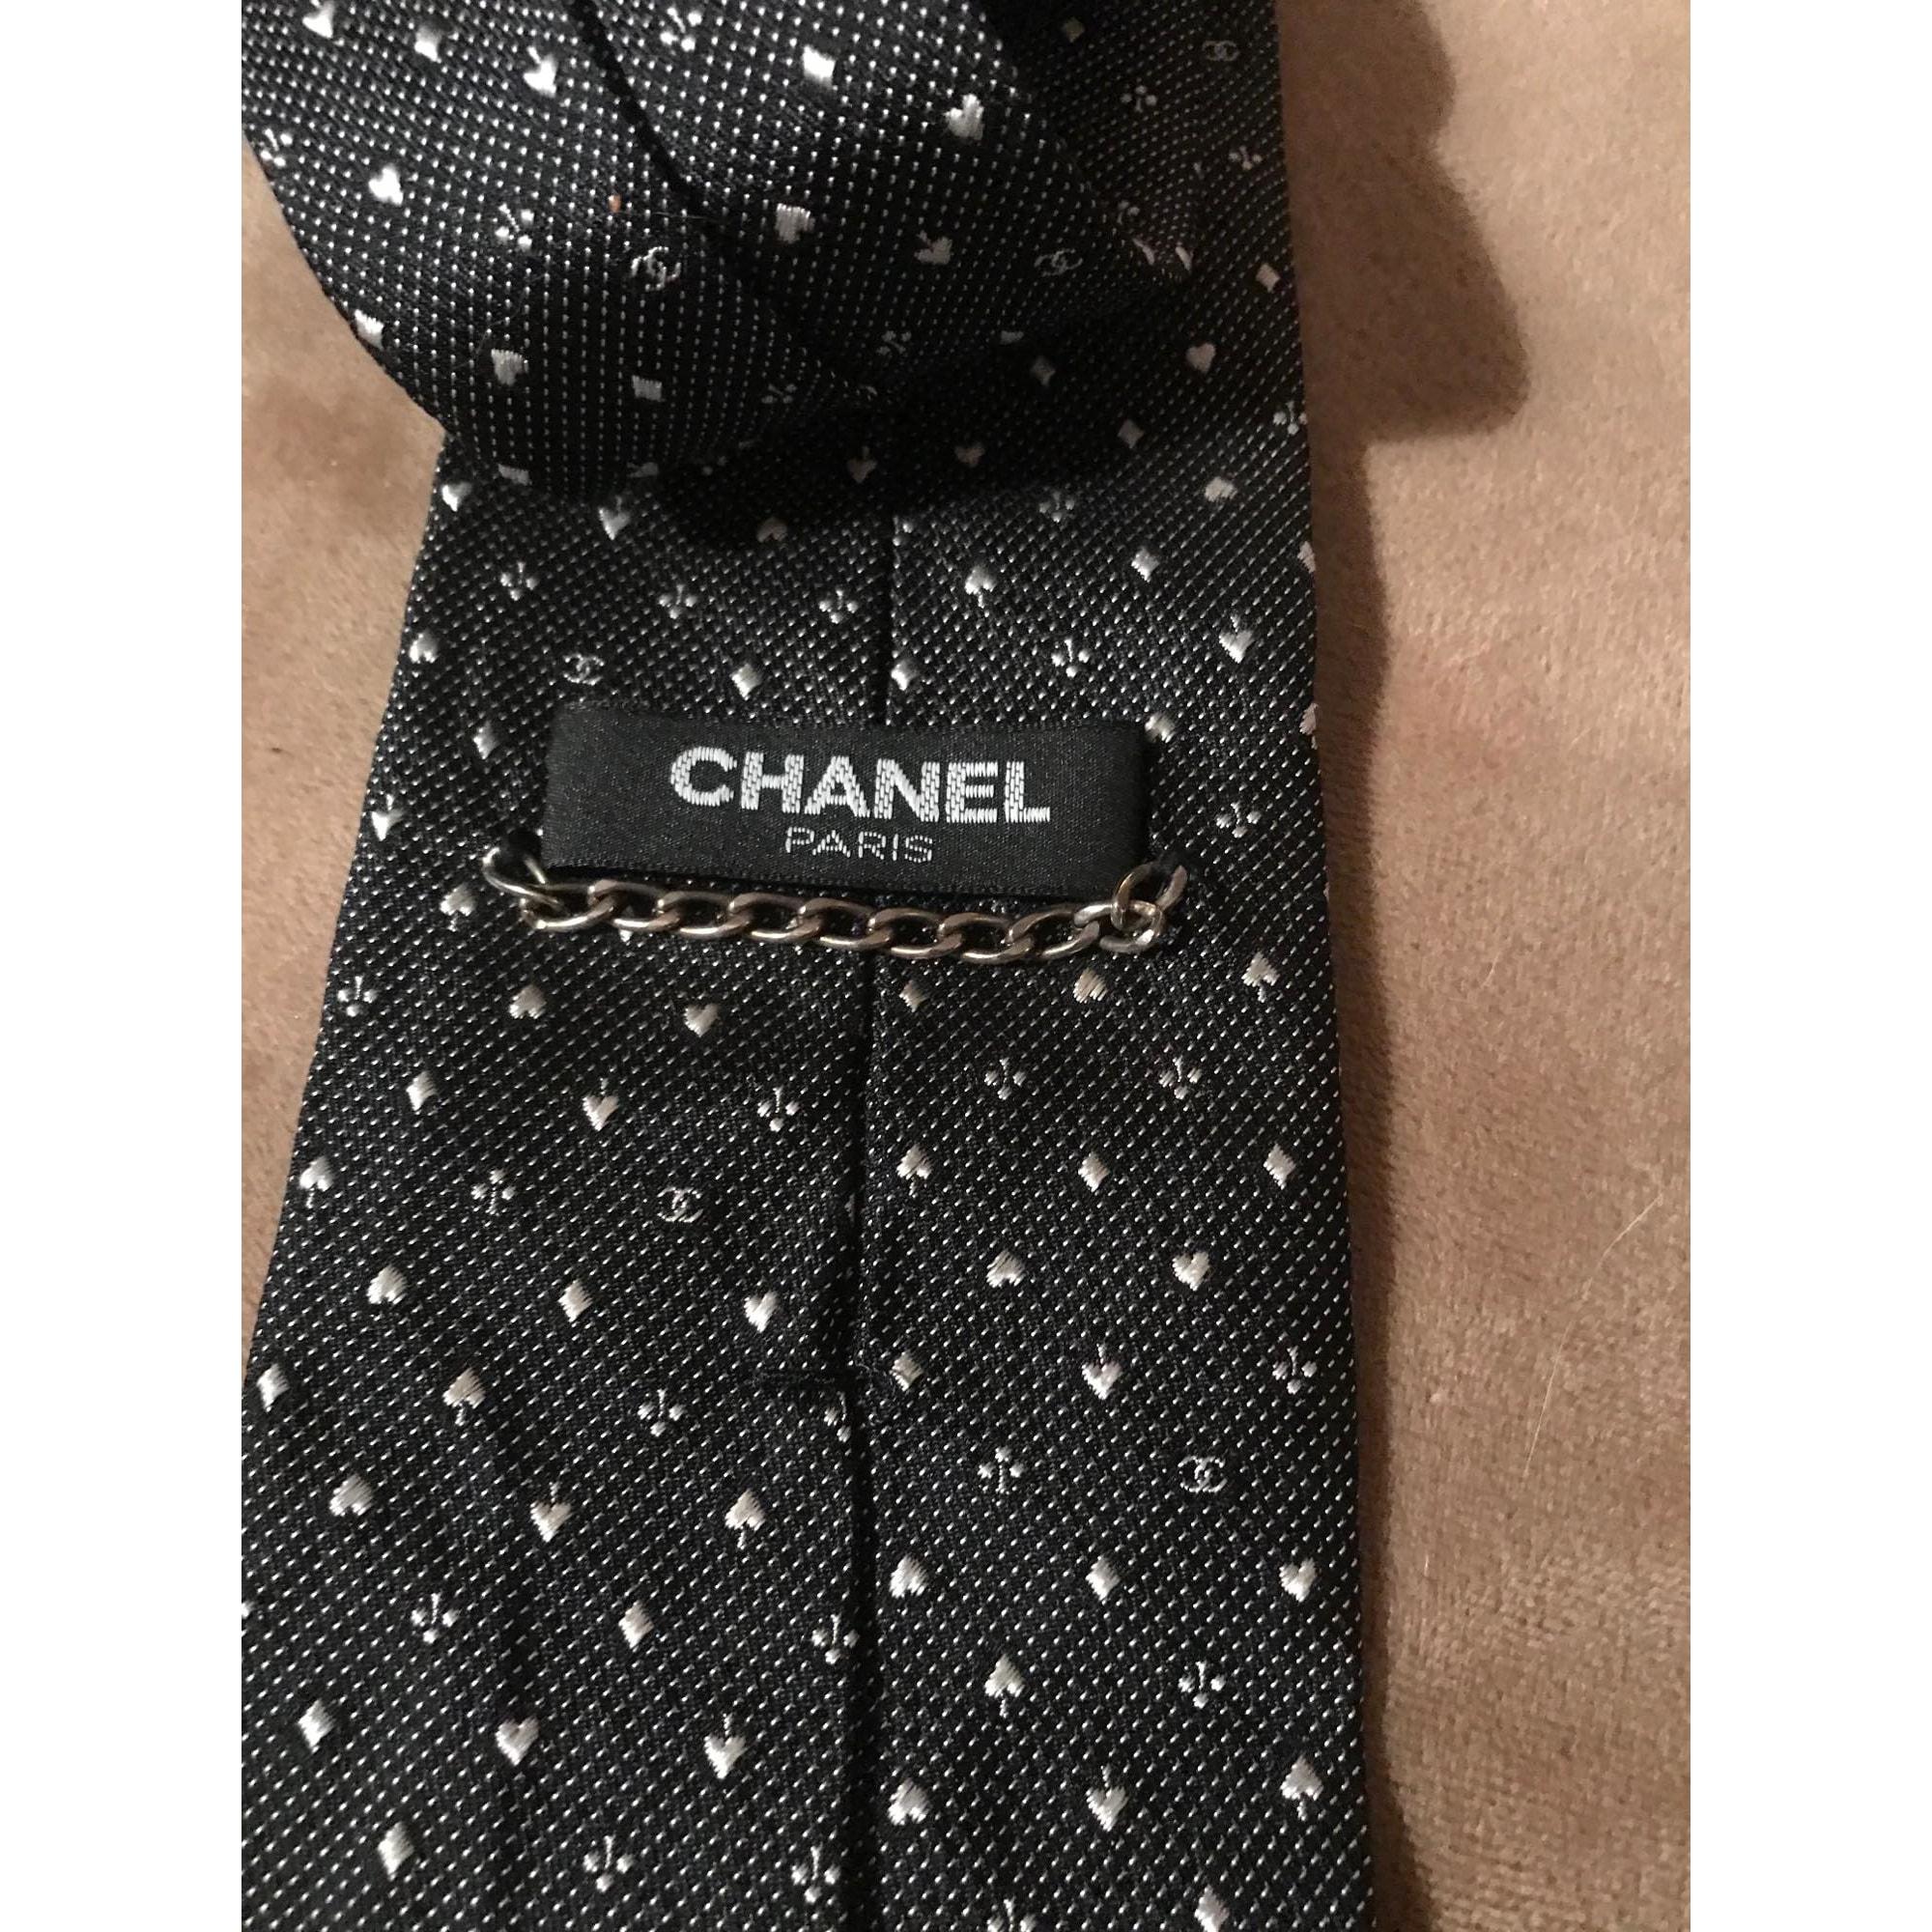 Cravate CHANEL Argenté, acier